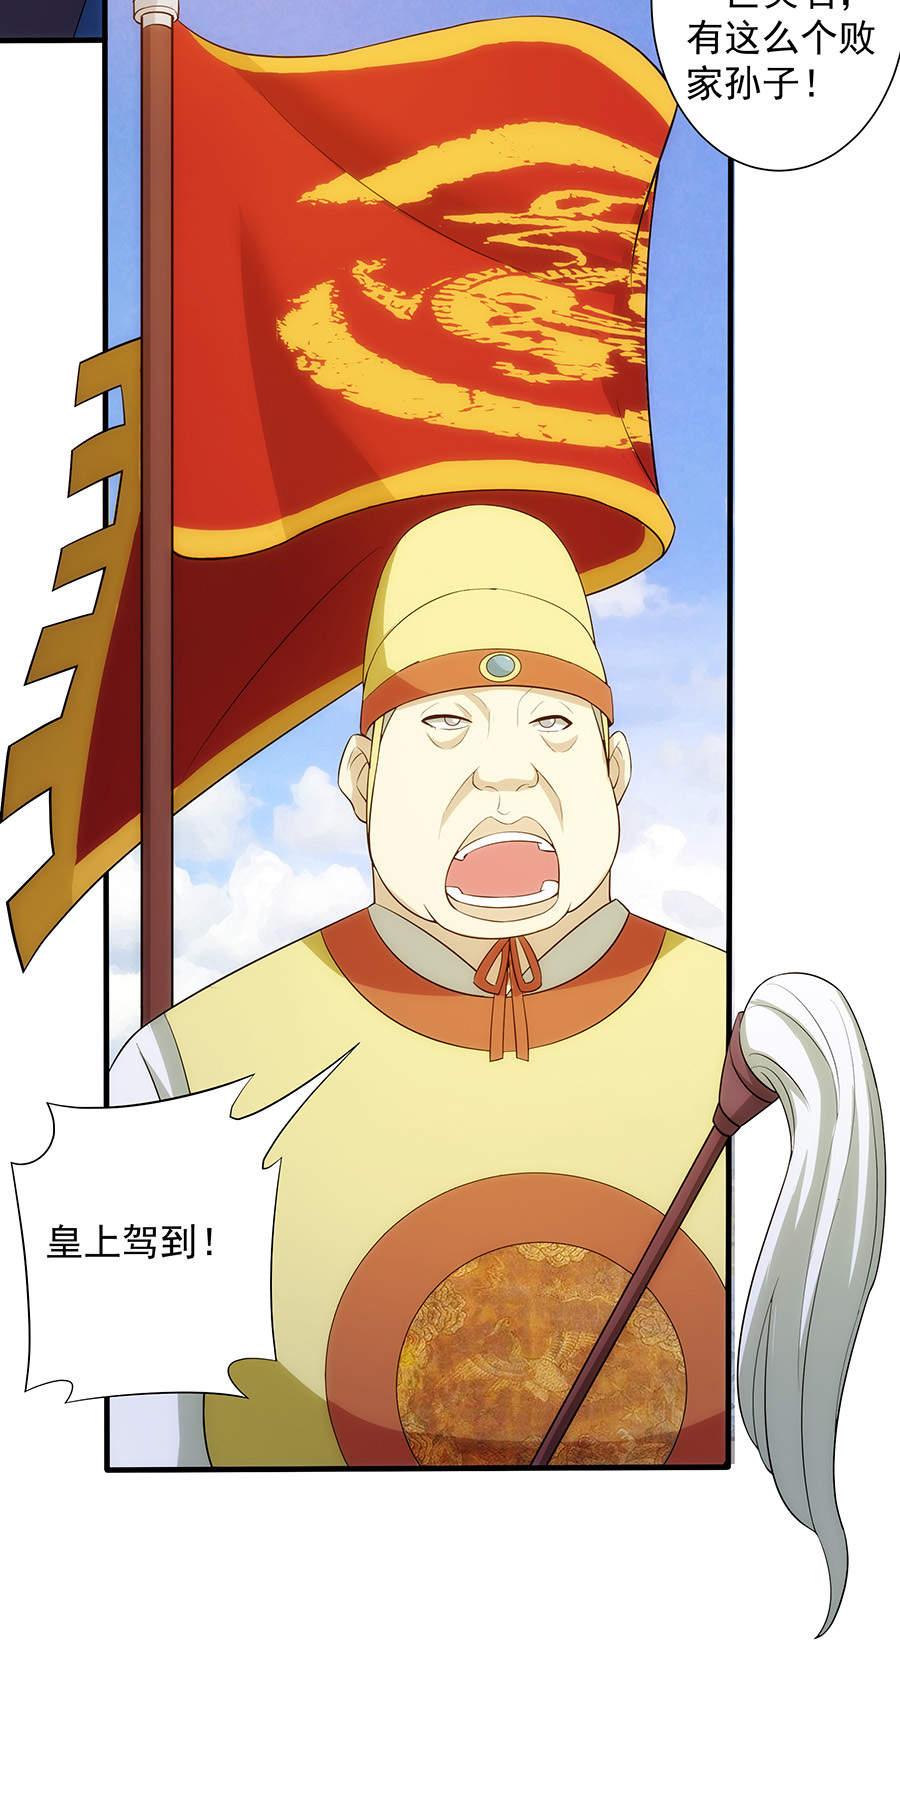 绝世剑神第21话  大赛开启 第 4